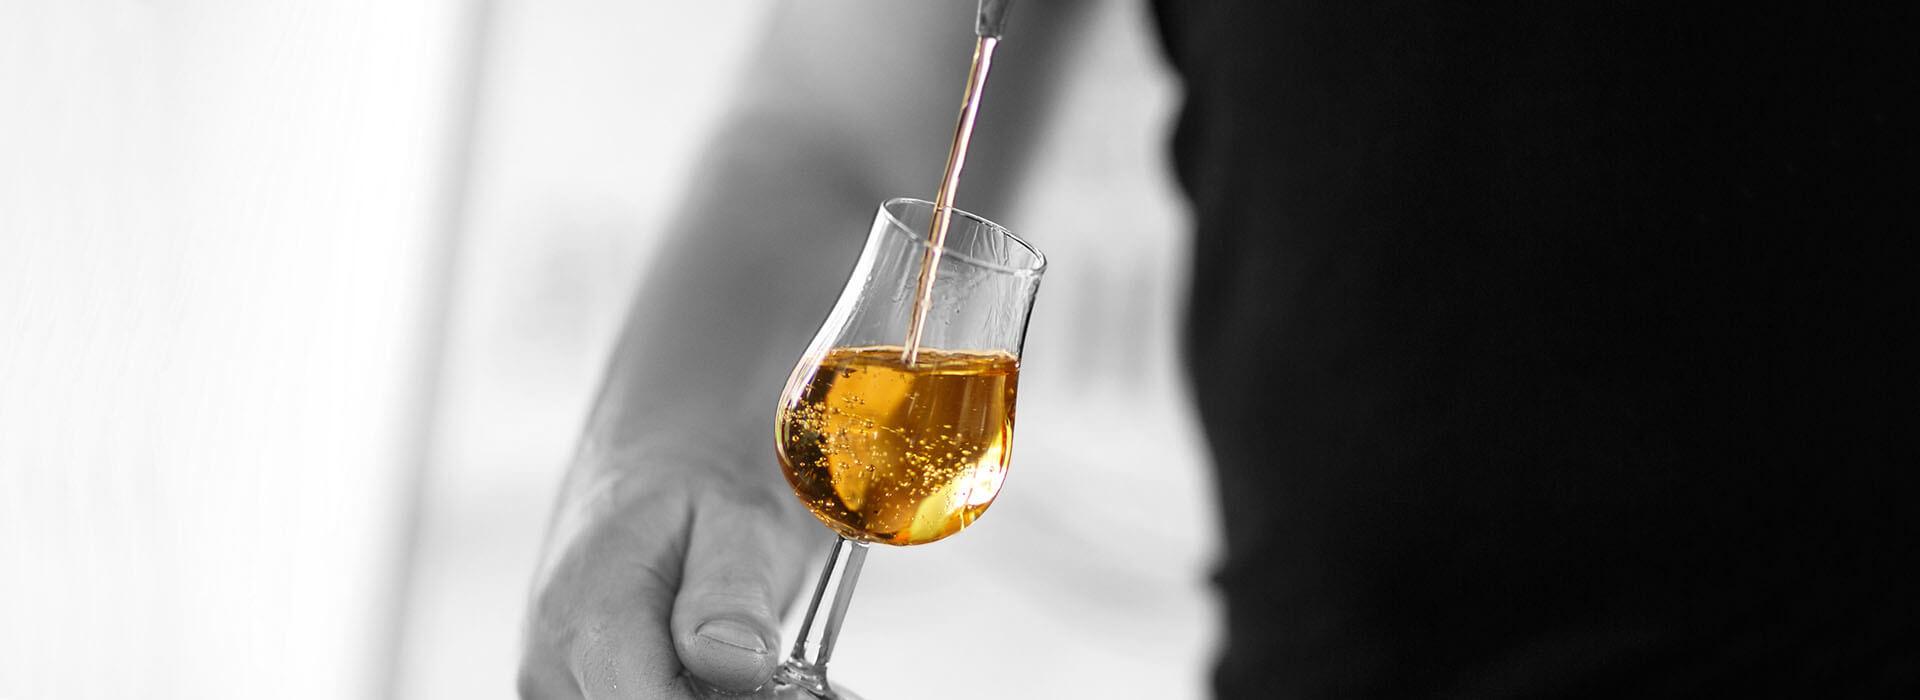 Destillerie und Weingut Koppenhöfer